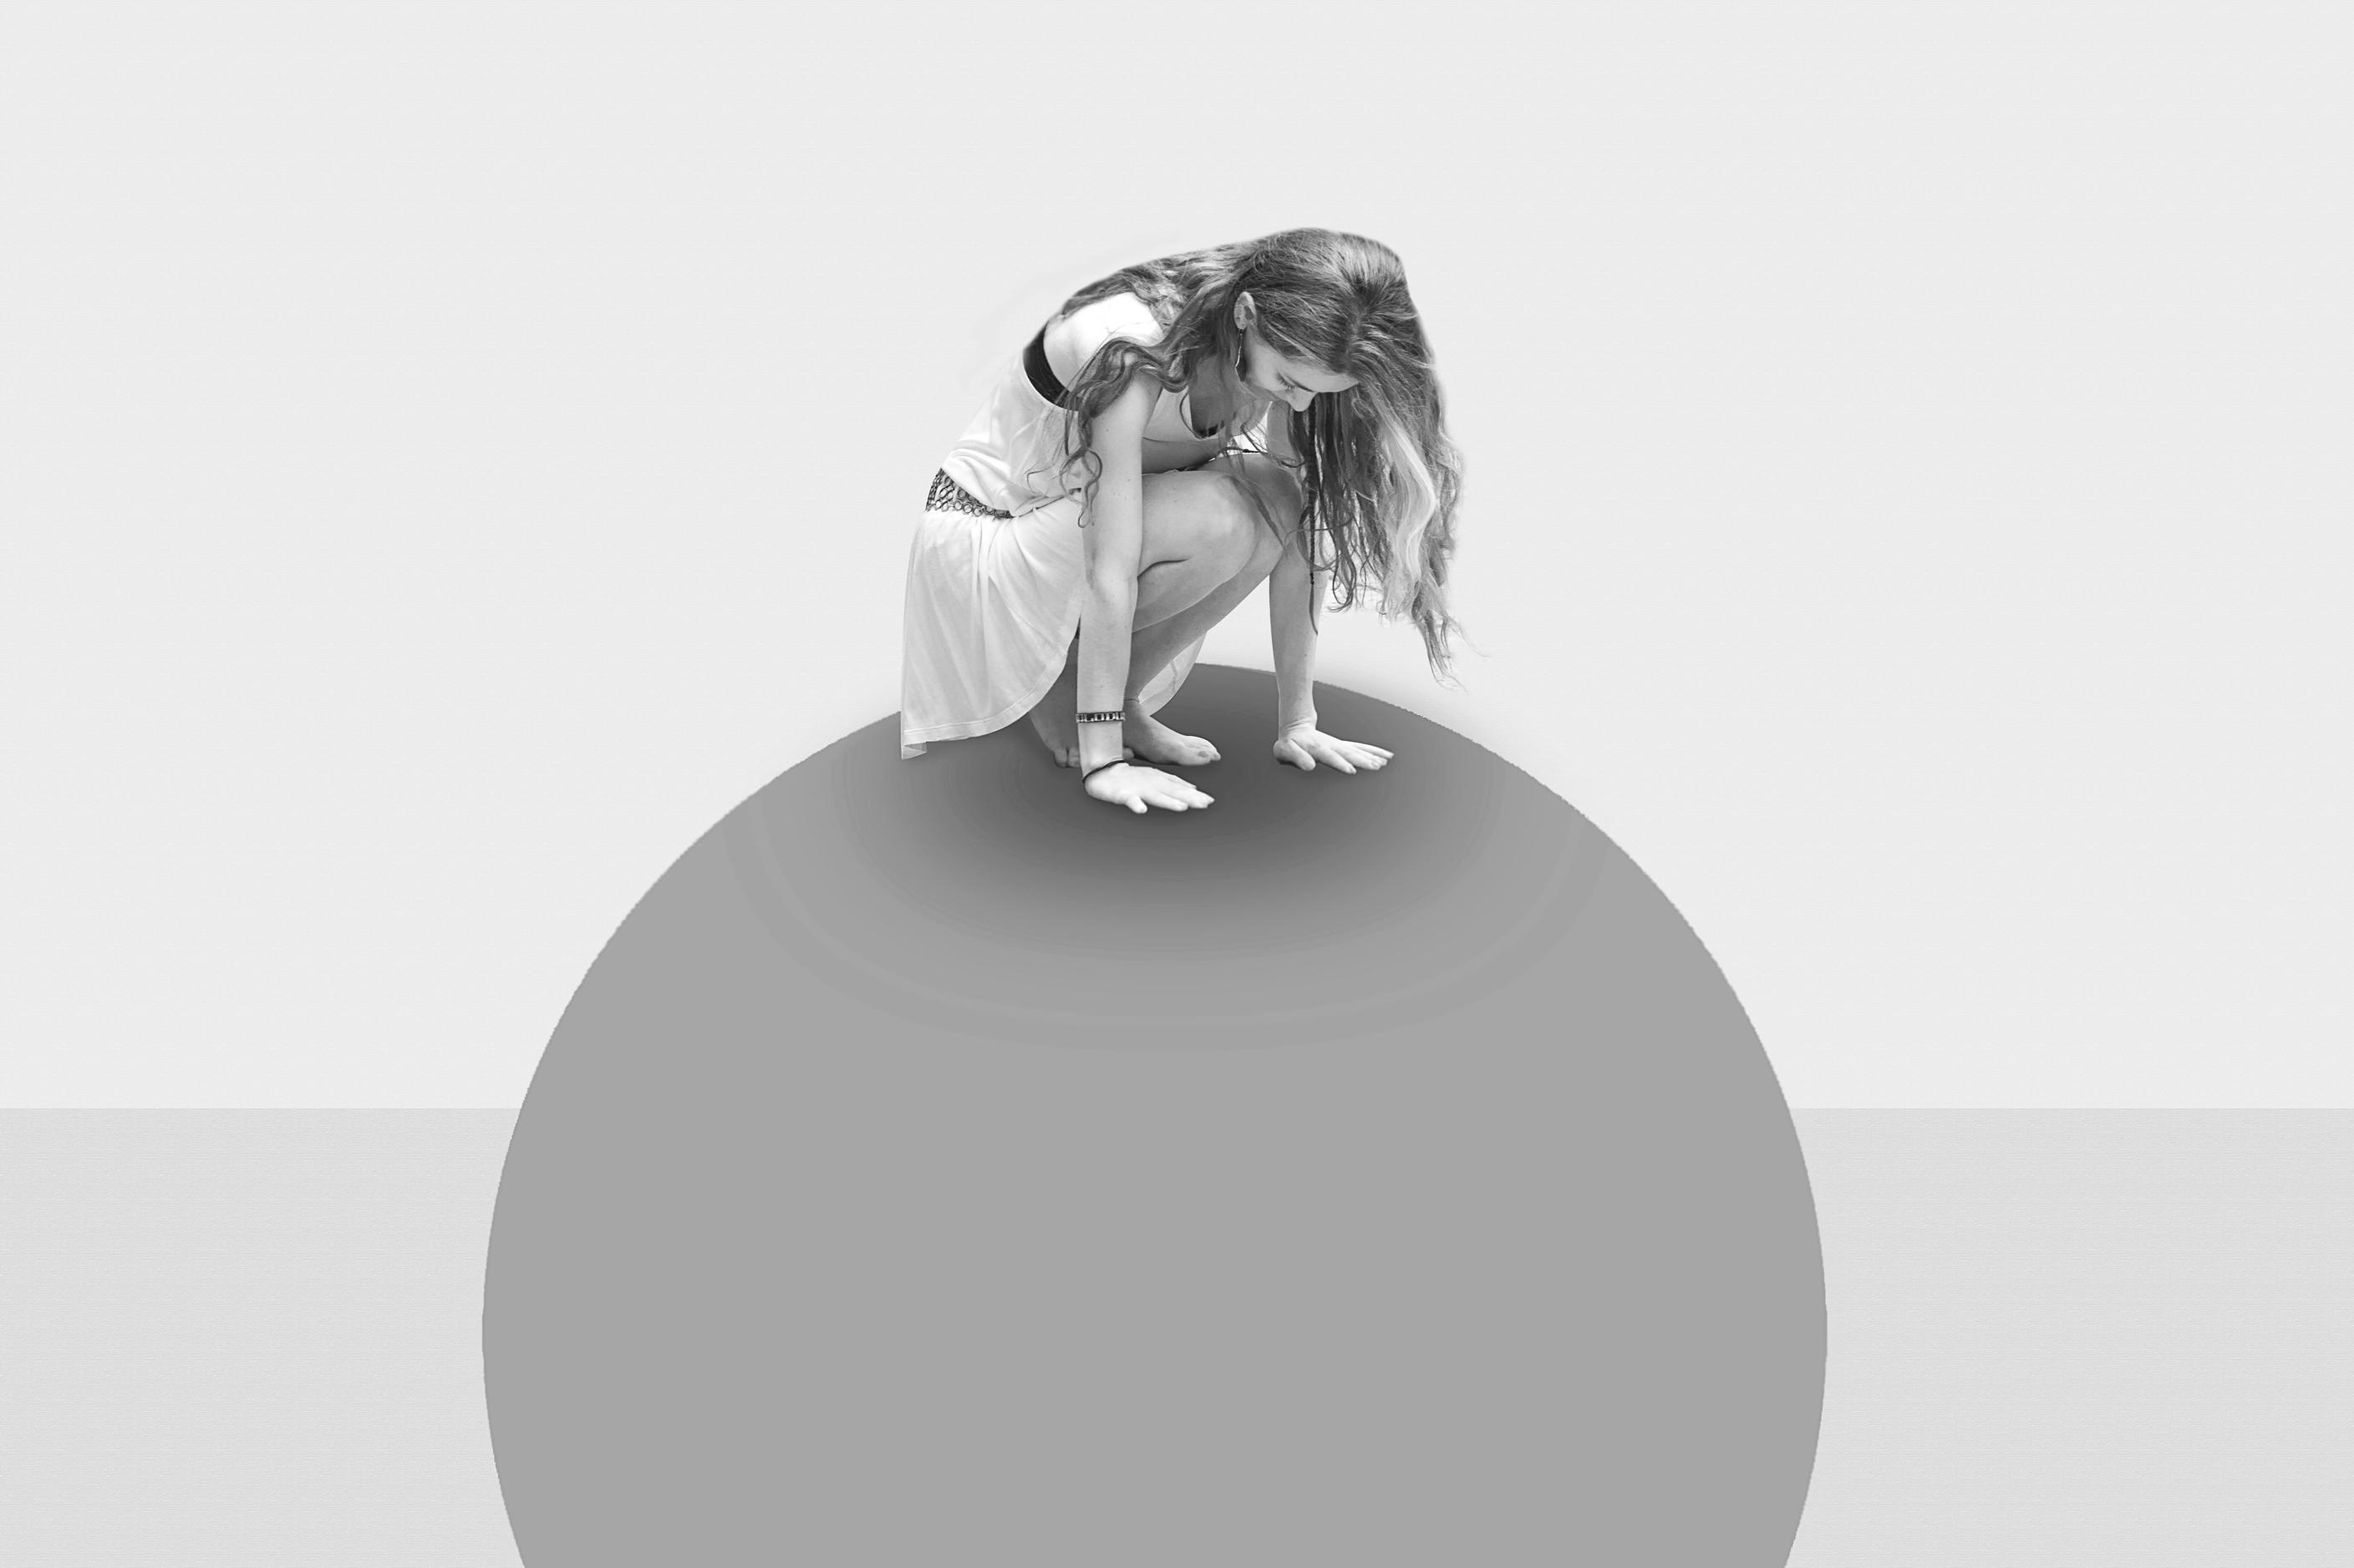 ילדה על כדור